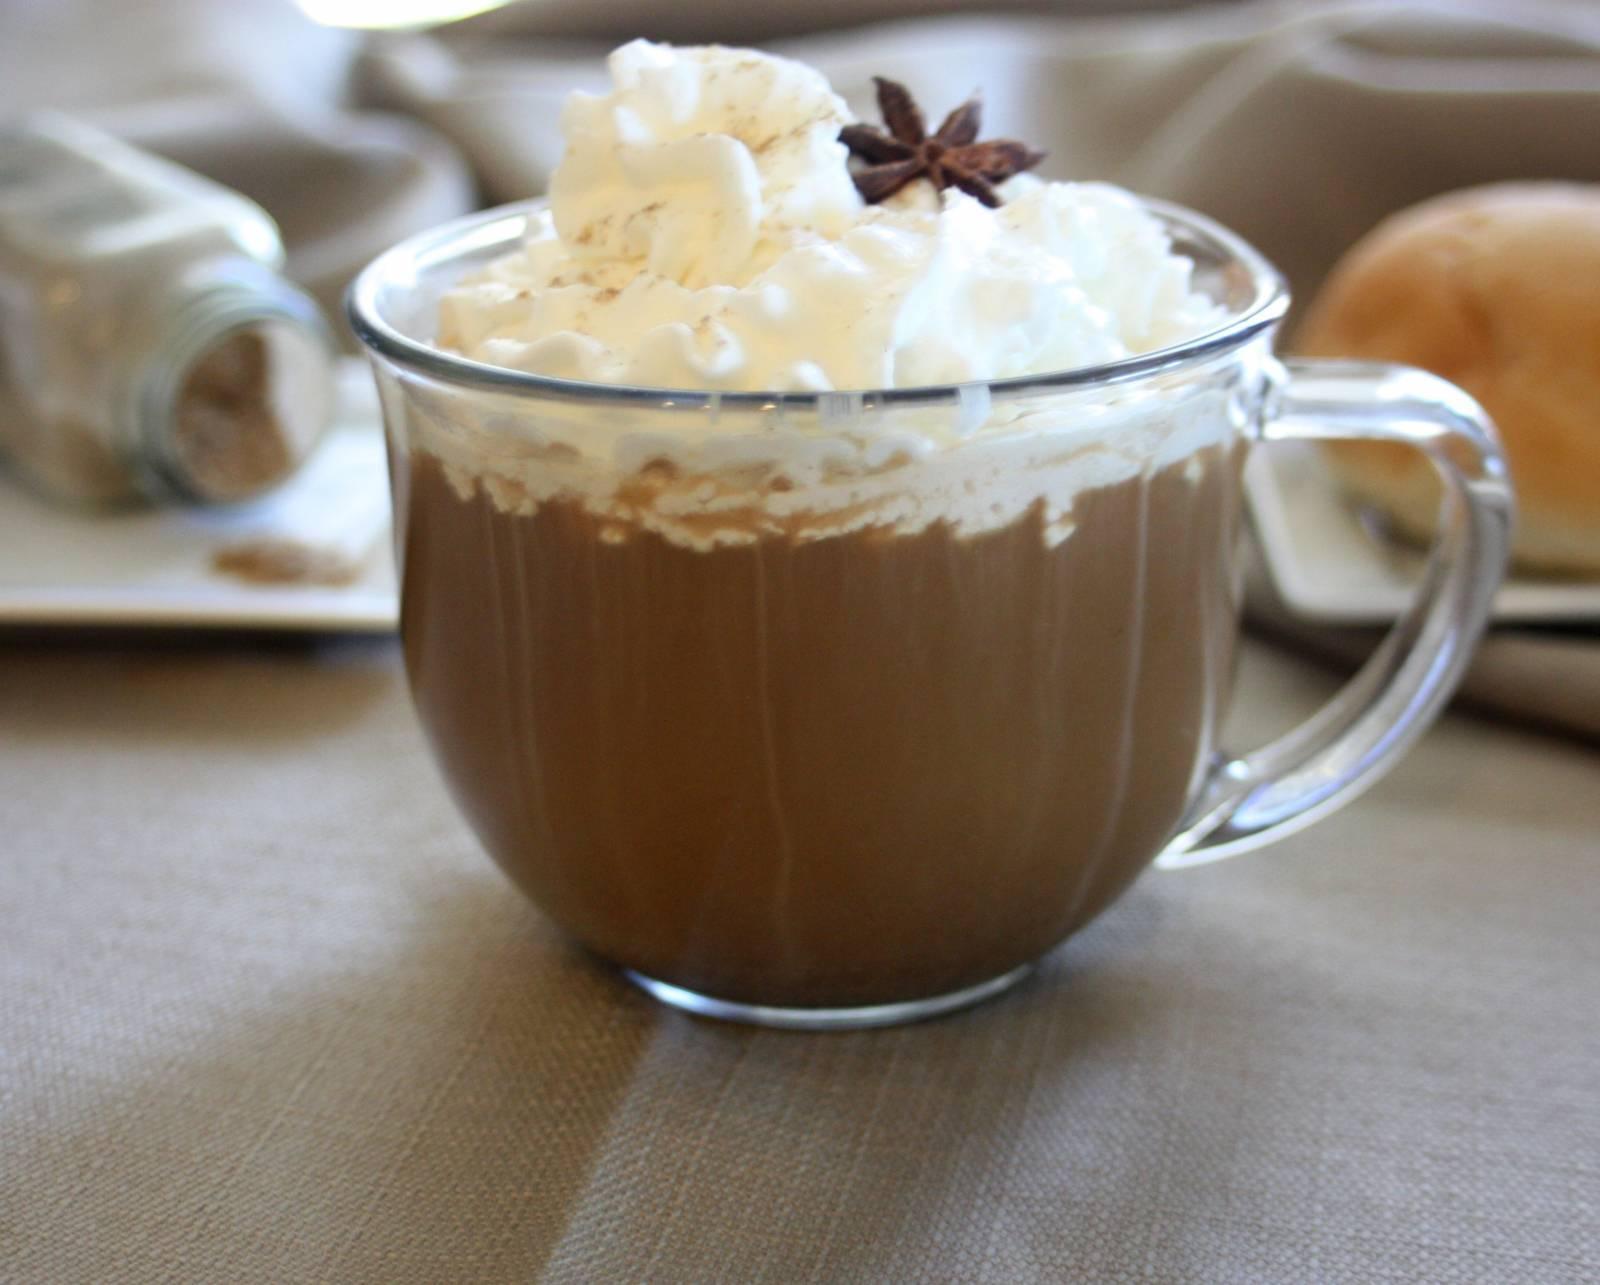 Рецепт кофе глясссе - как приготовить в домашних условиях. калорийность гляссе, технология приготовления, отзывы